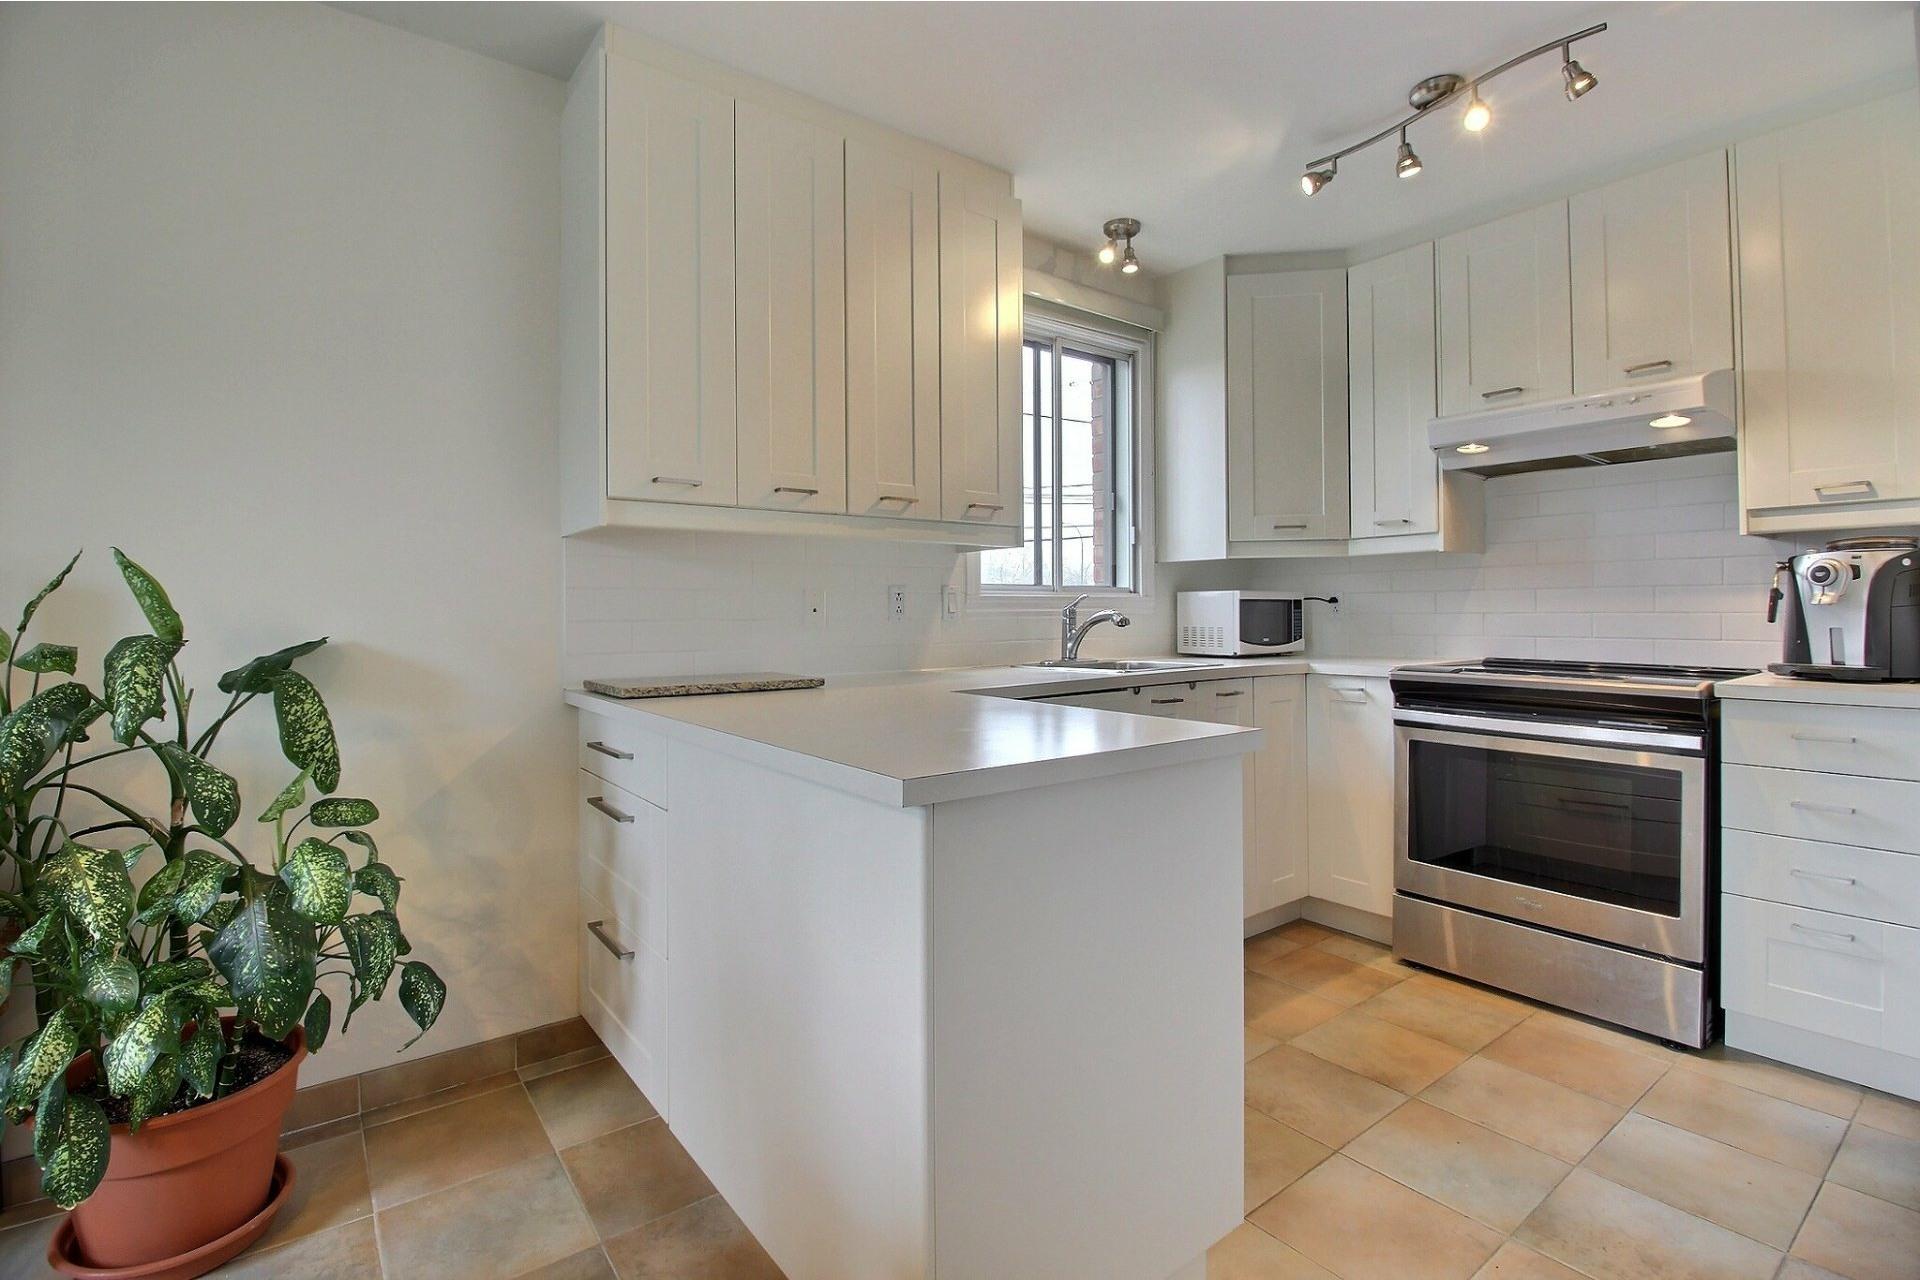 image 7 - Appartement À vendre Rivière-des-Prairies/Pointe-aux-Trembles Montréal  - 5 pièces